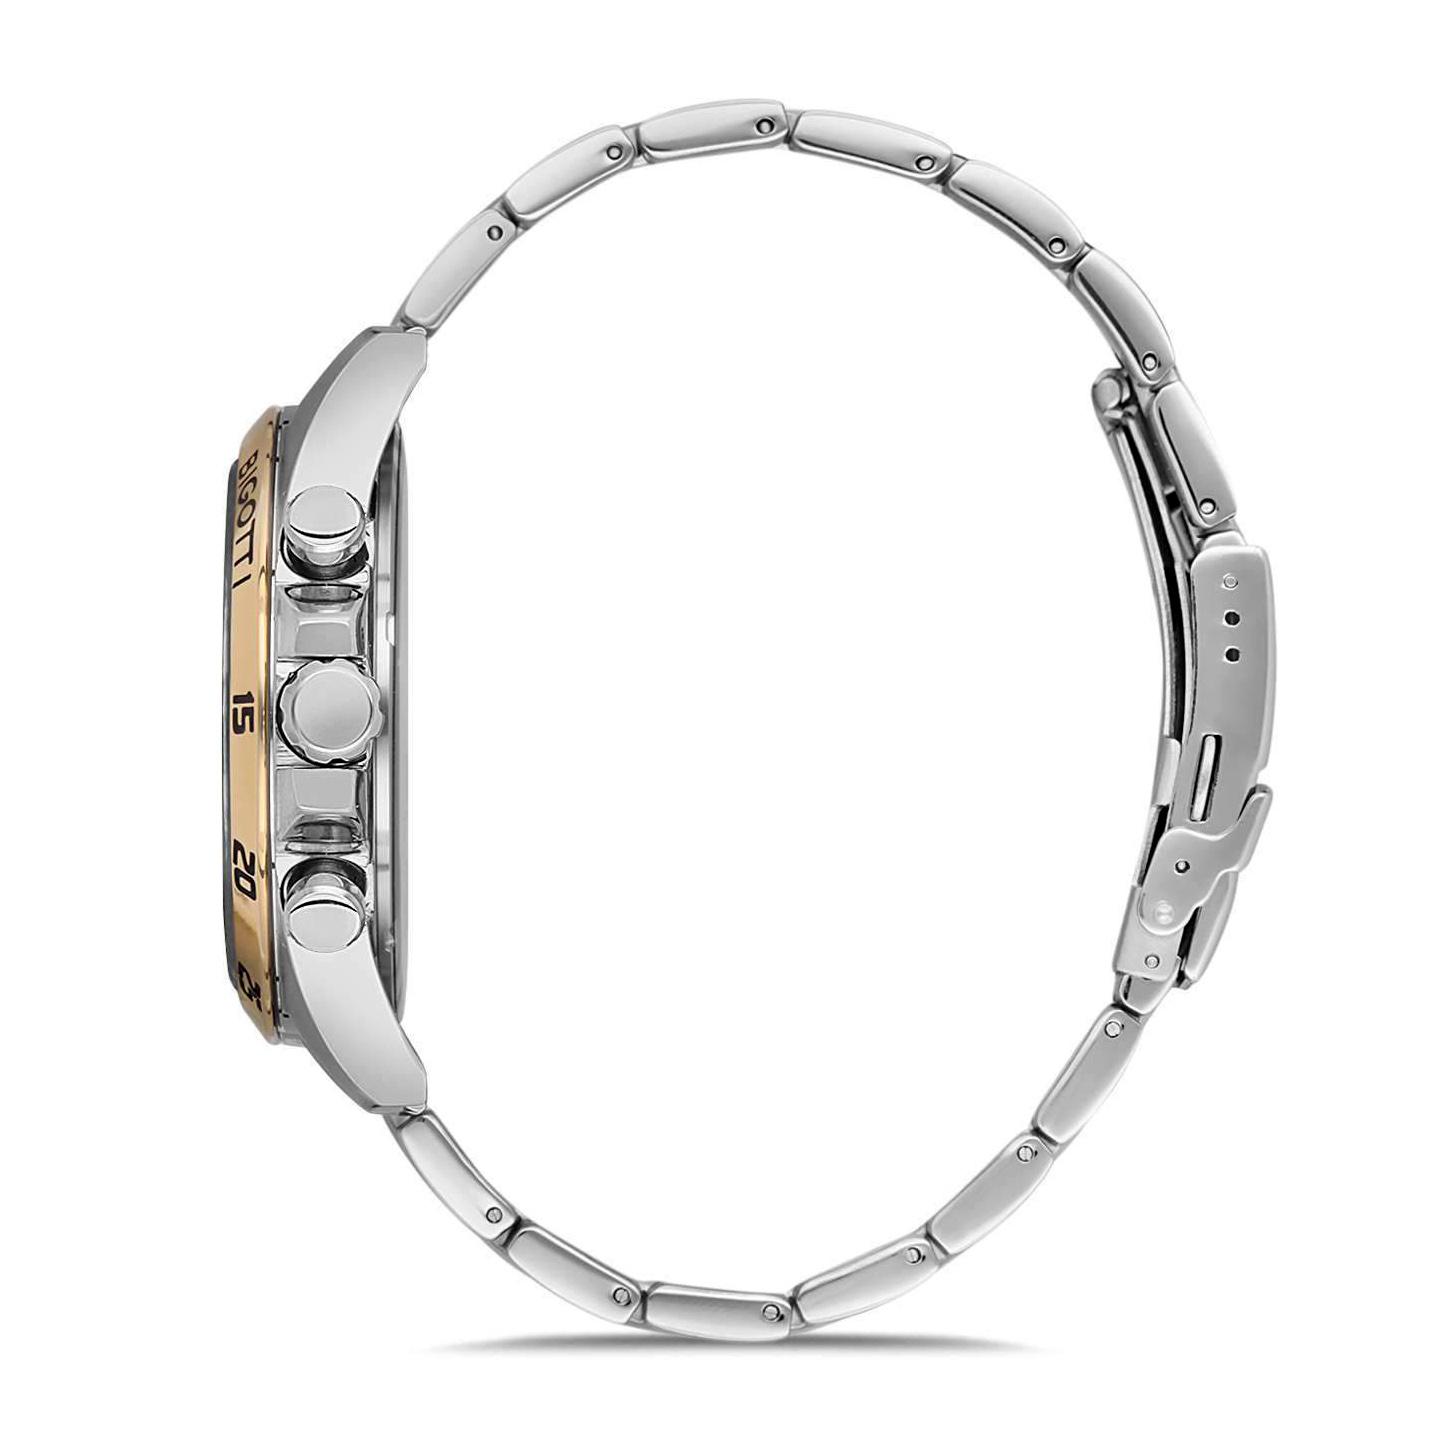 ساعت مچی عقربهای مردانه بیگوتی مدل BG.1.10173-5